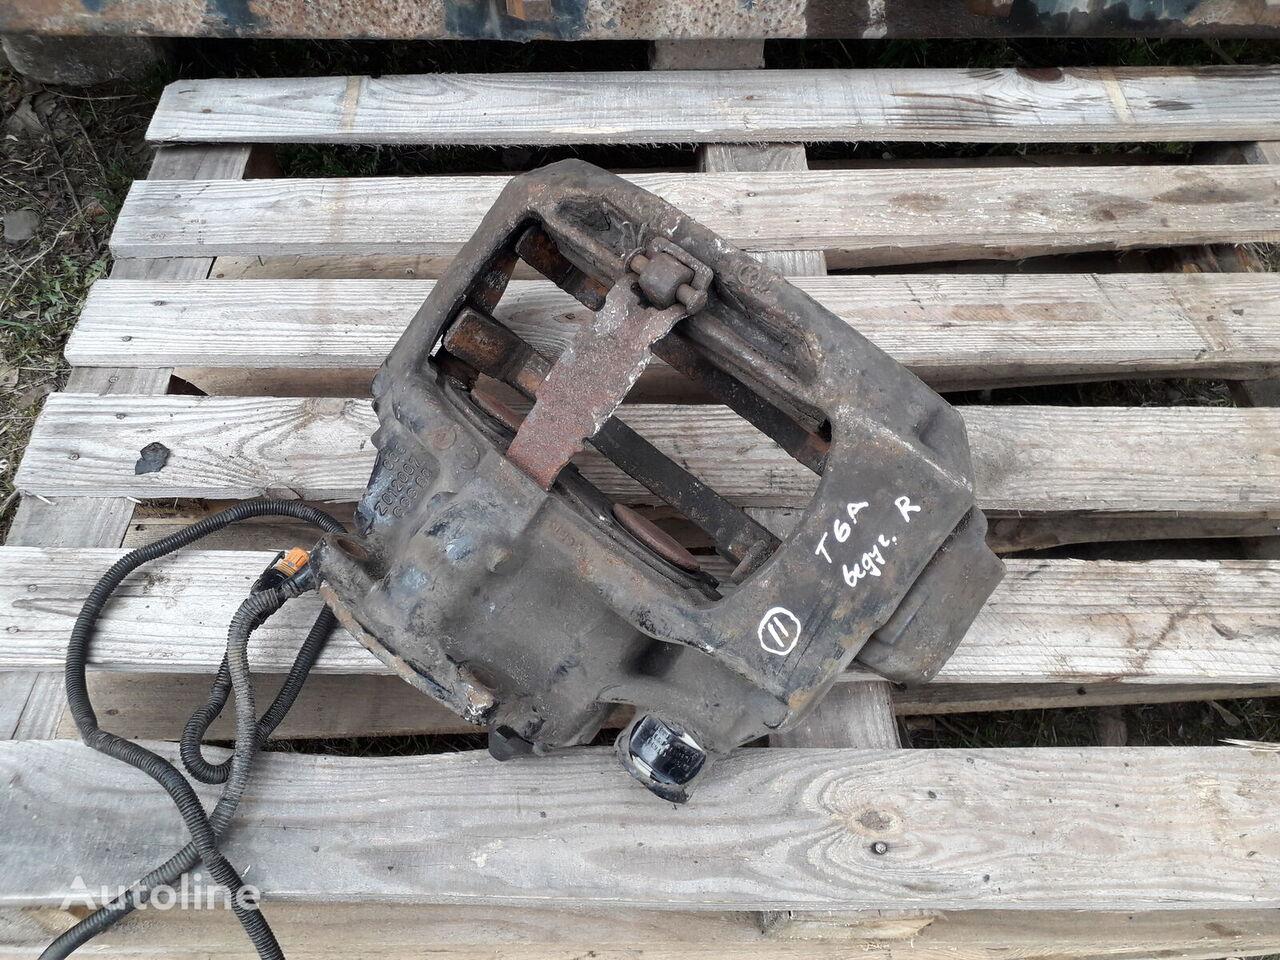 KNORR-BREMSE (81.50604.6501) pinza de freno para MAN TGA tractora